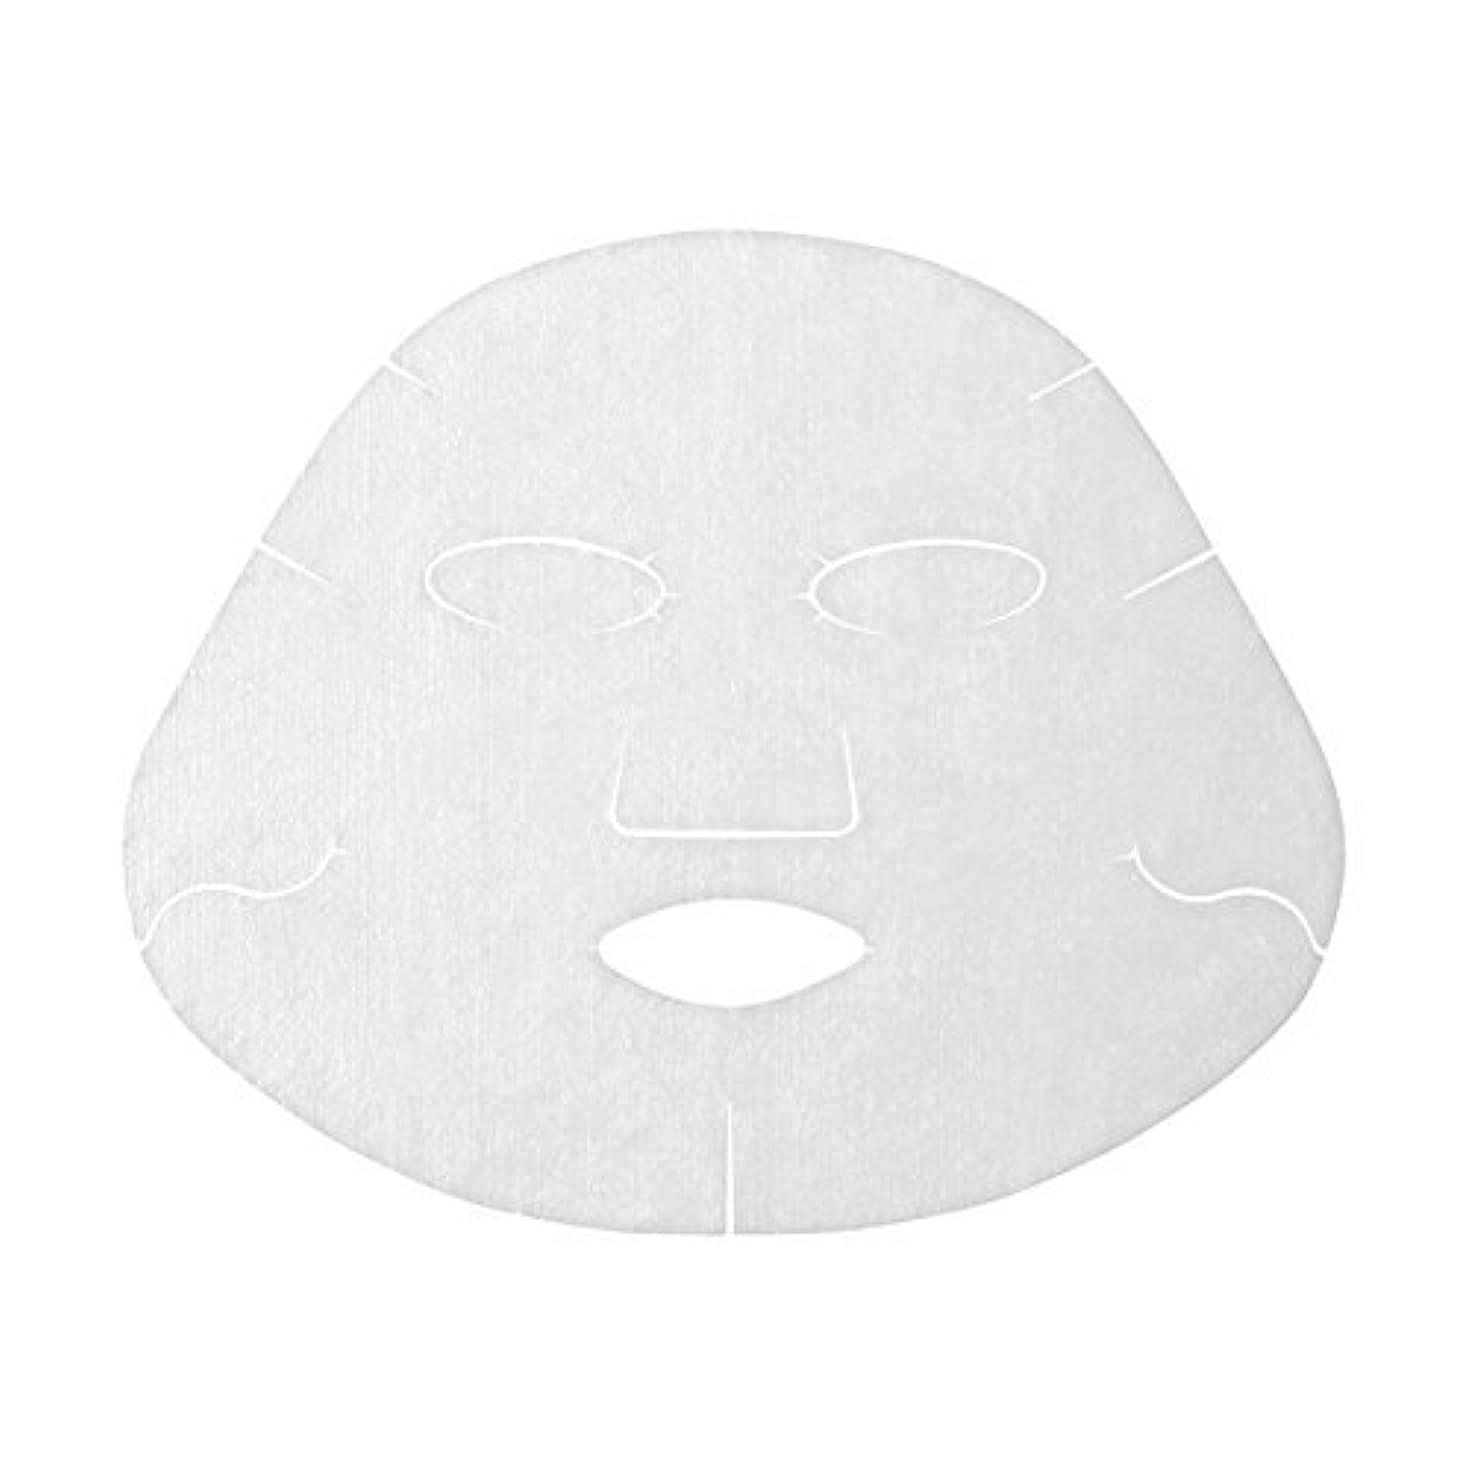 遠えコストパイントアクアレーベル リセットホワイトマスク <1枚入り> 18mL×1枚×6個